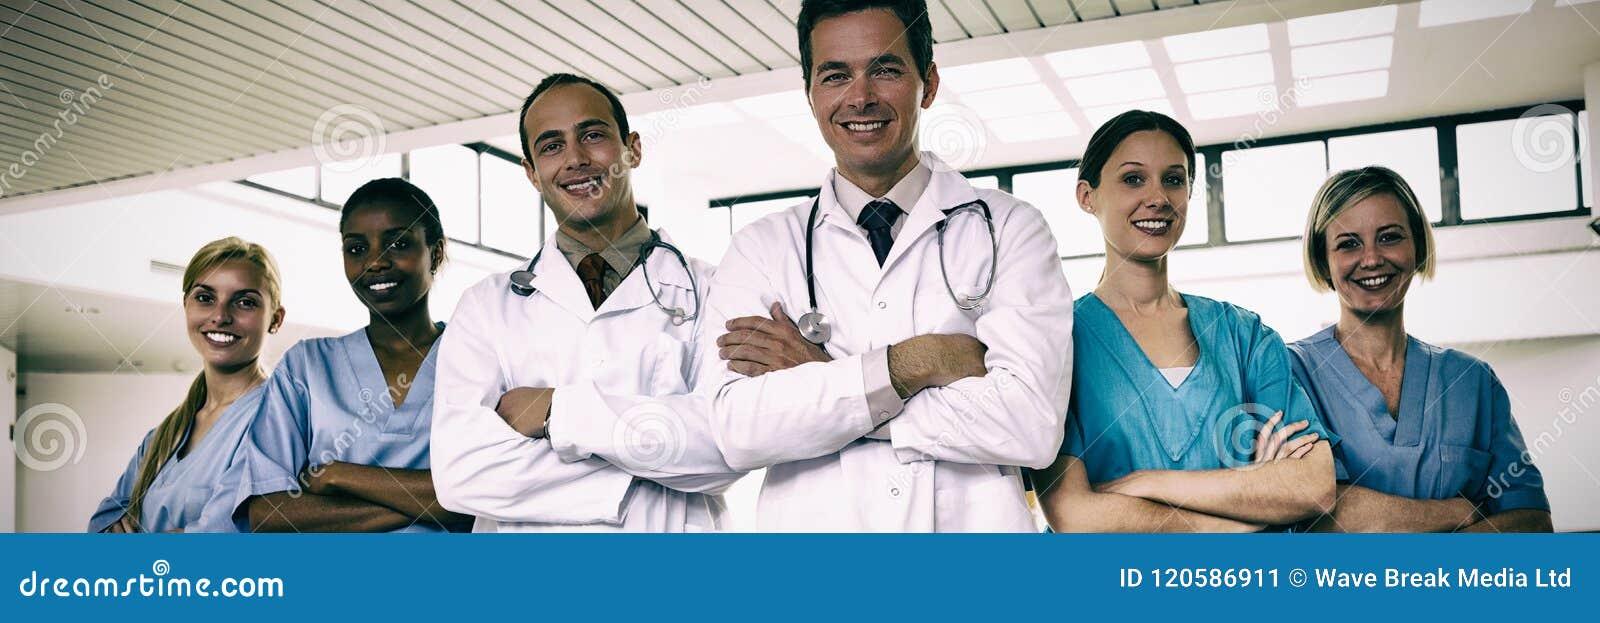 Портрет докторов и медсестер при пересеченные оружия